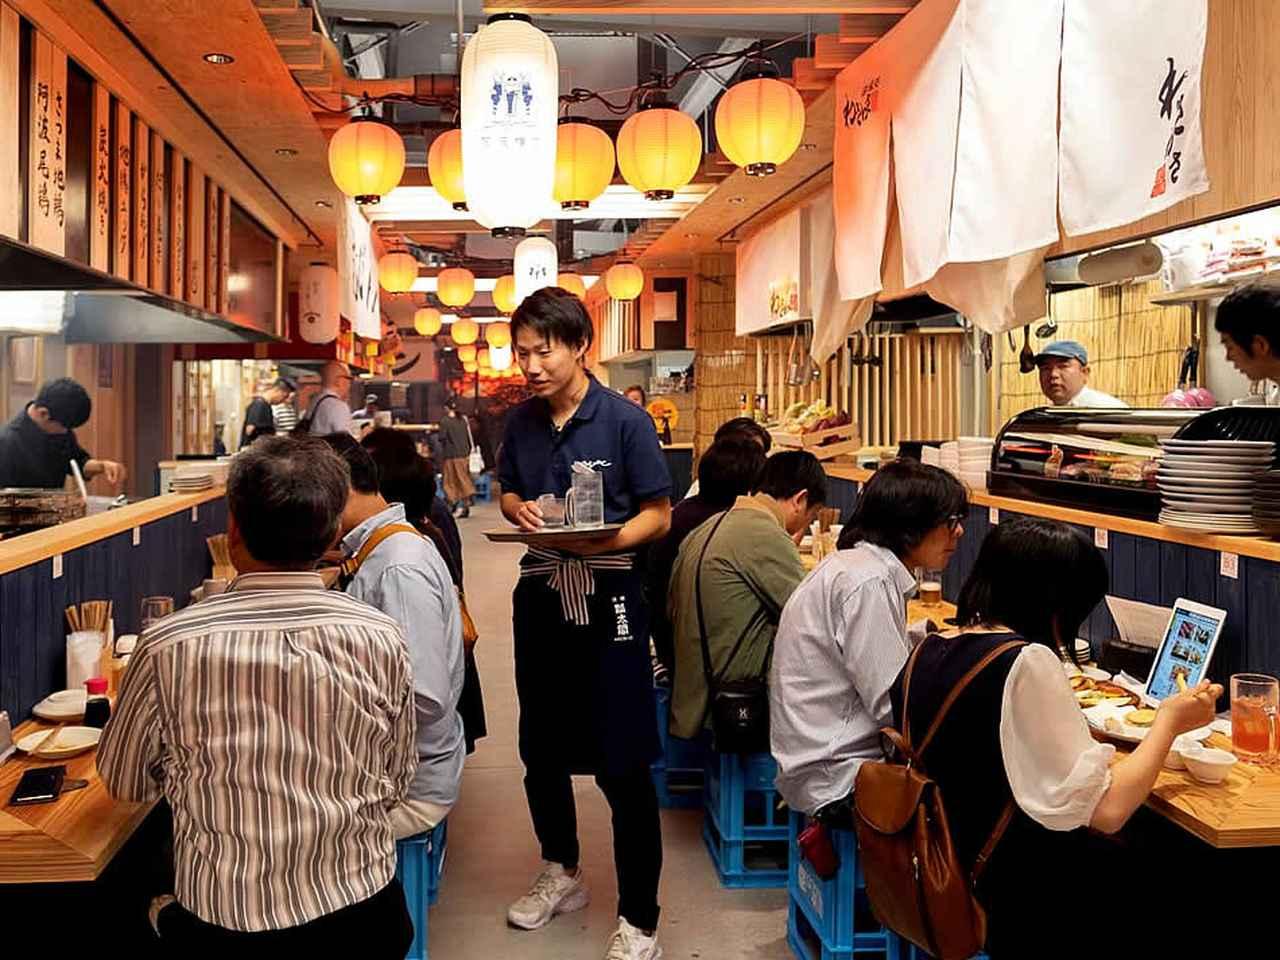 画像: 多くの客が酒飯を楽しむ「阿波横丁」の店内